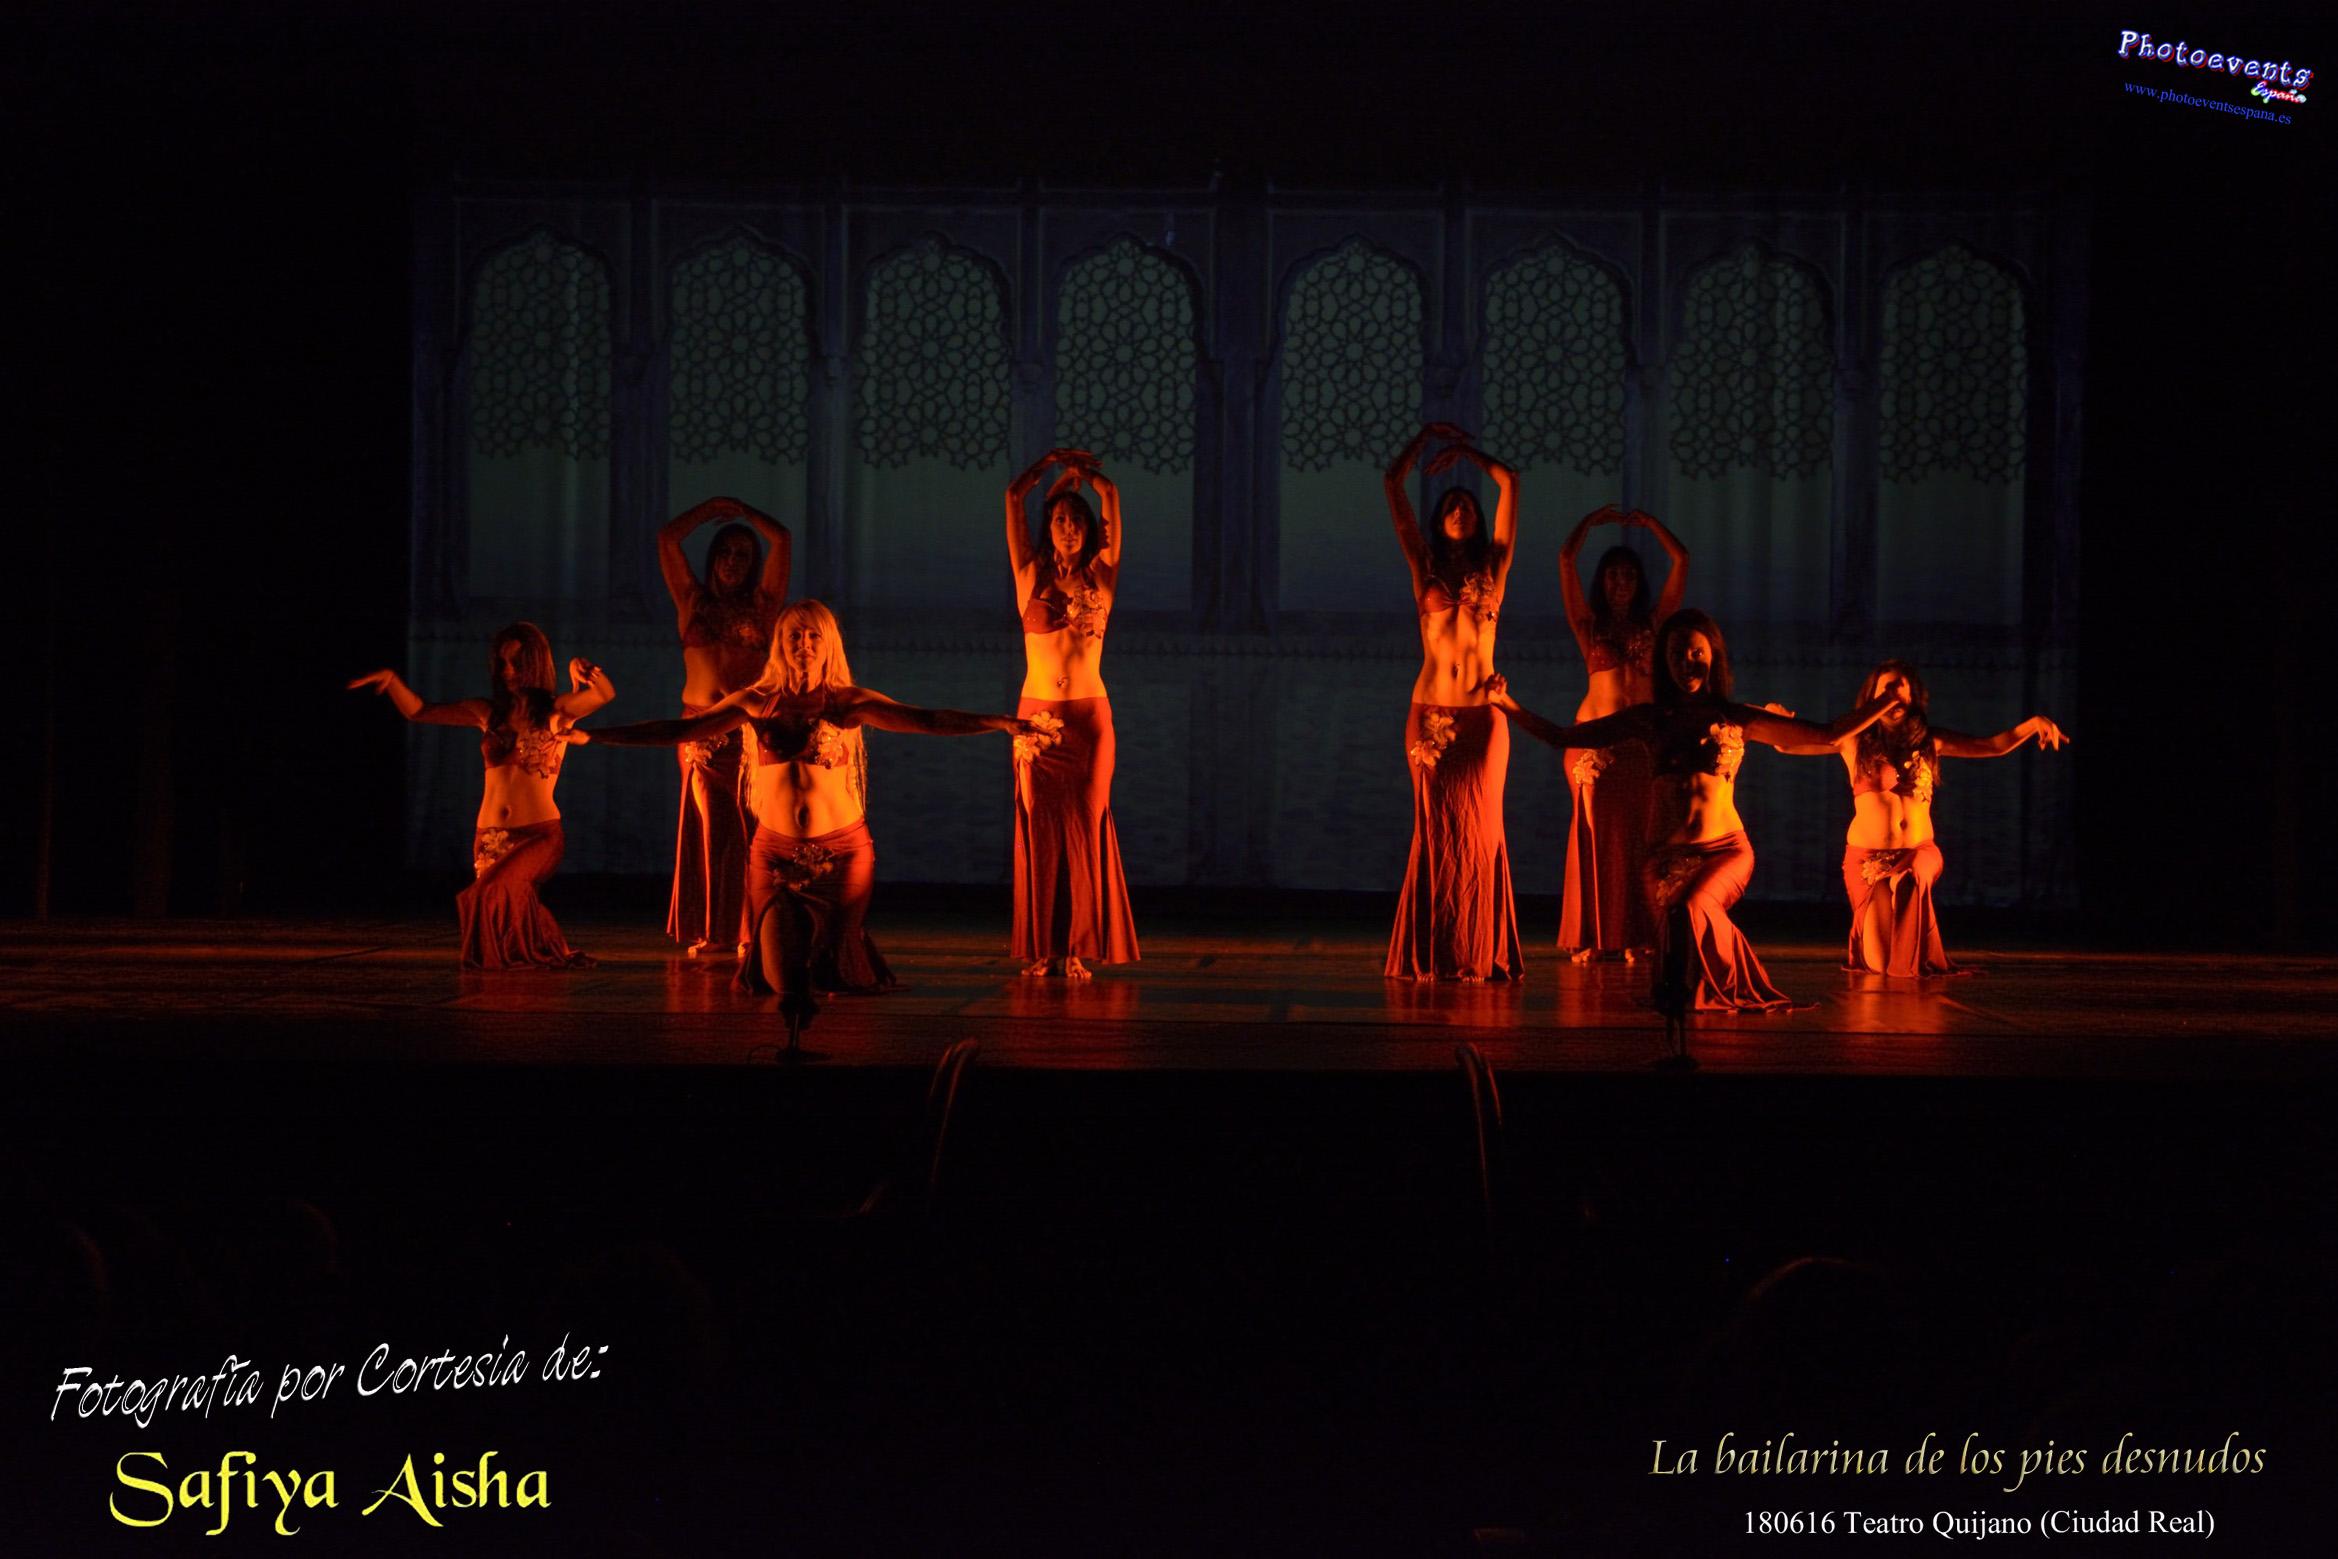 """Safiya Aisha """"La bailarina de los pies desnudos"""" Teatro Quijano de Ciudad Real."""